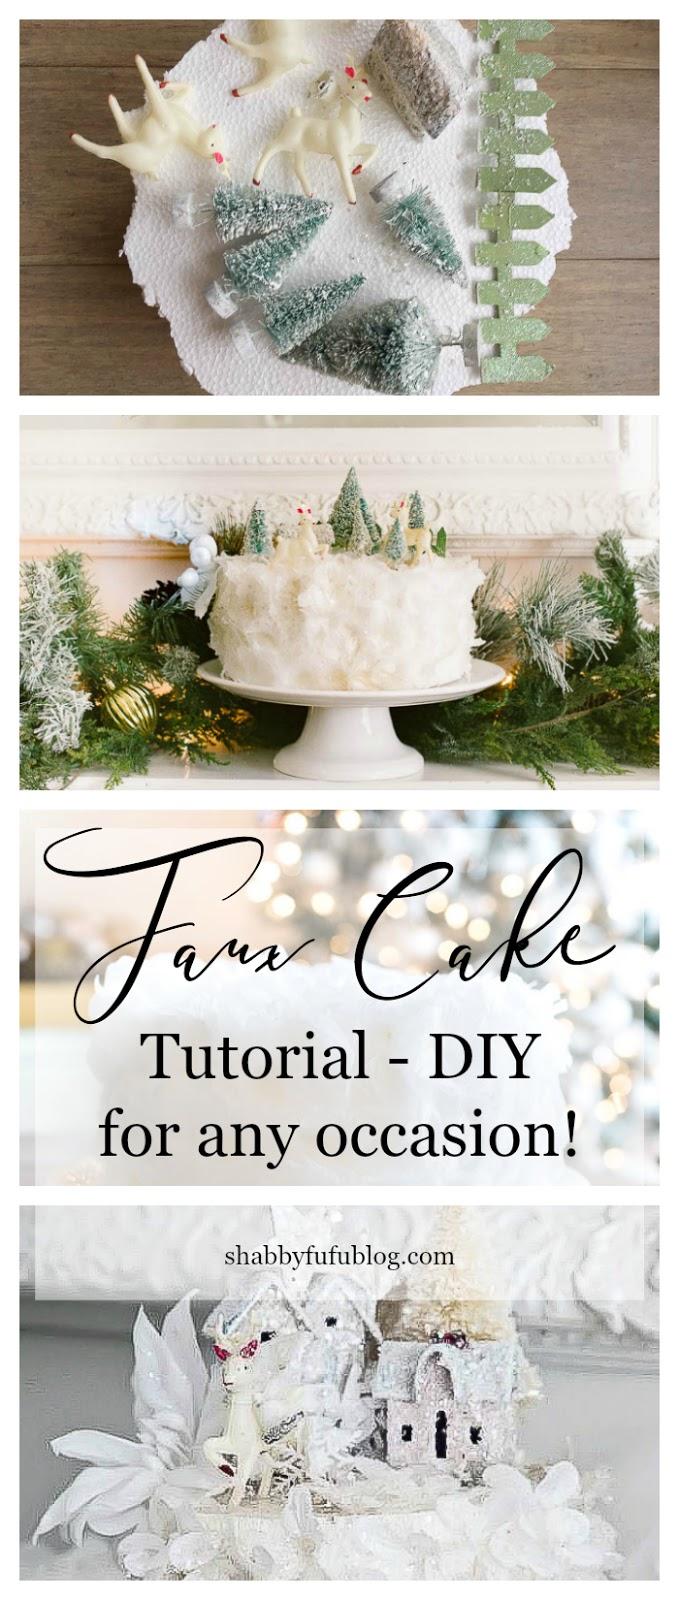 Woodland Faux Rose Petal Cake Tutorial Project - shabbyfufublog.com